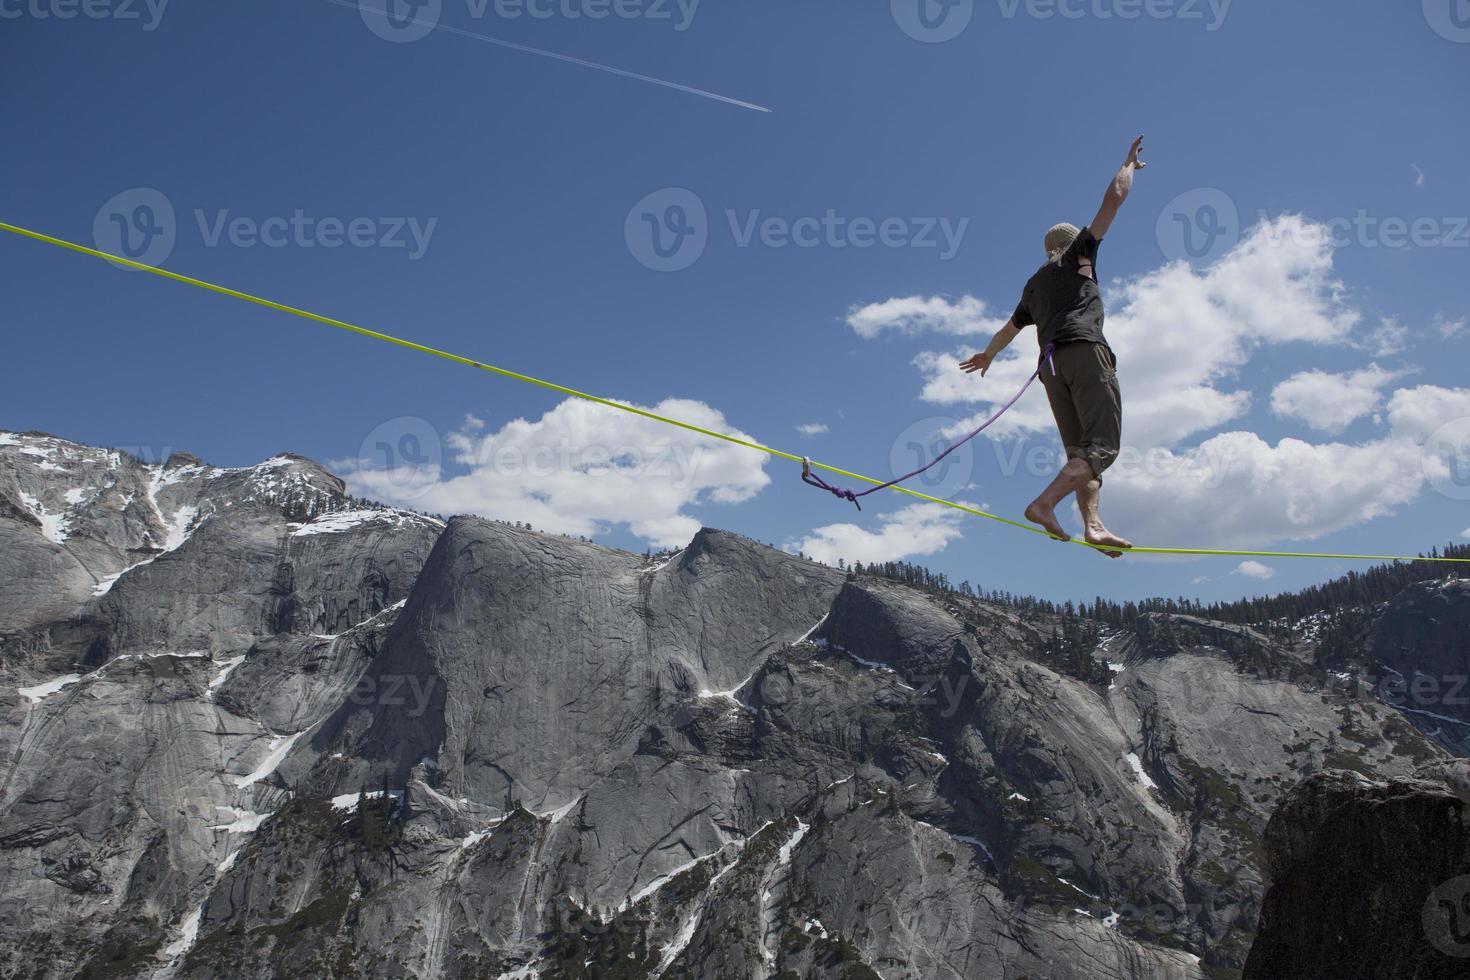 slackliner caminhando yosemite highline foto